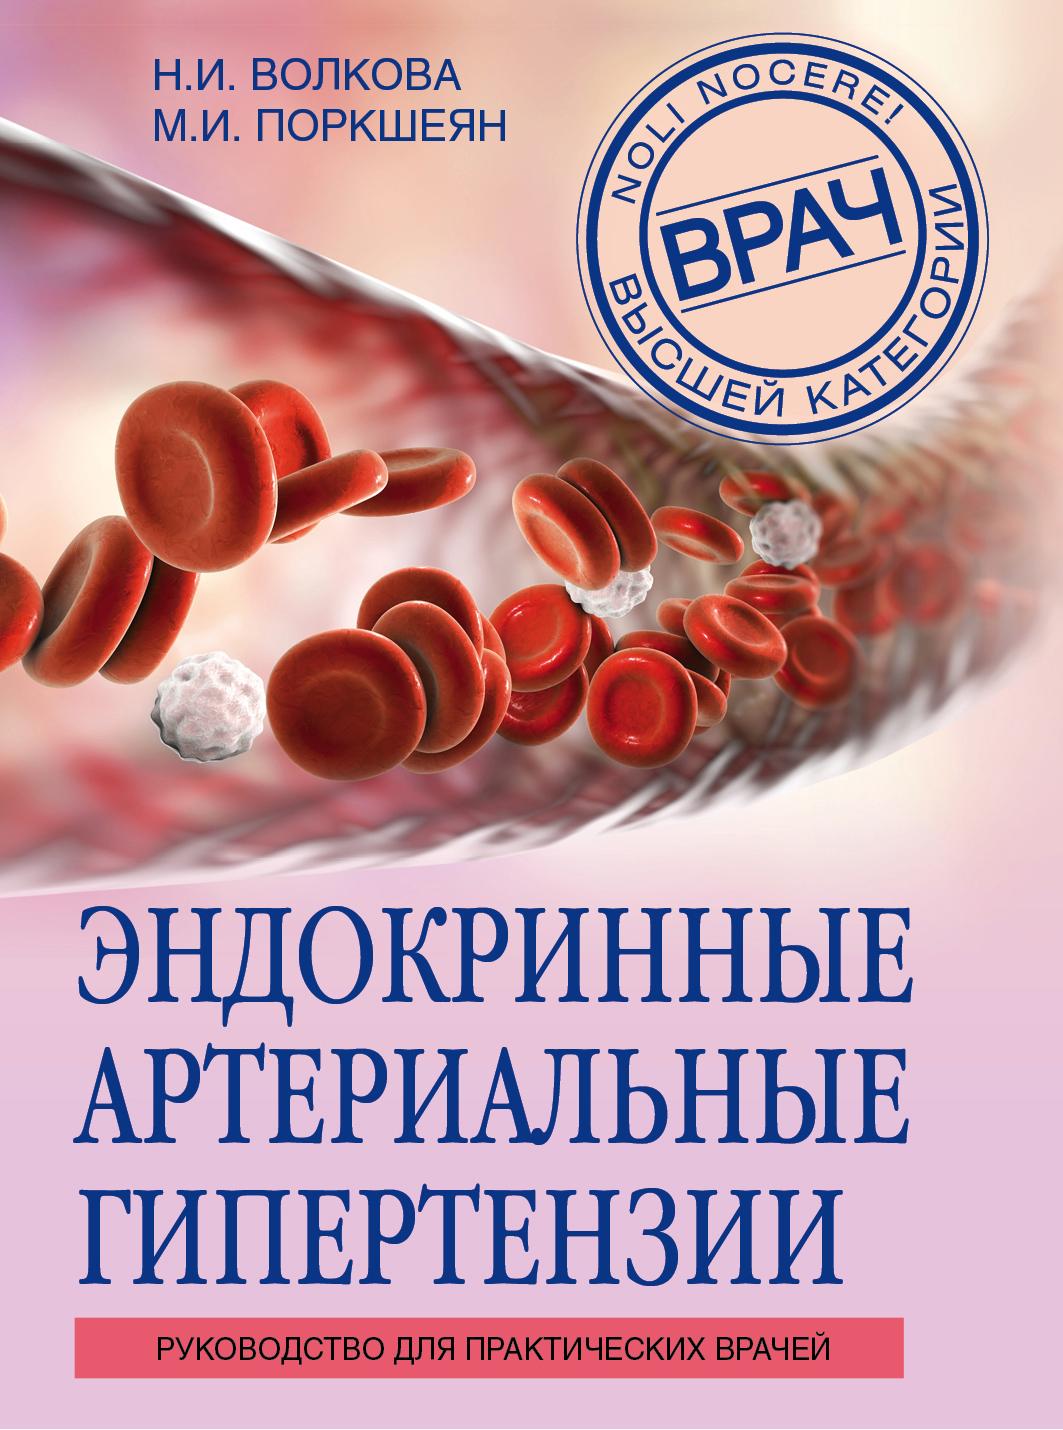 Наталья Волкова Эндокринные артериальные гипертензии. Руководство для практических врачей